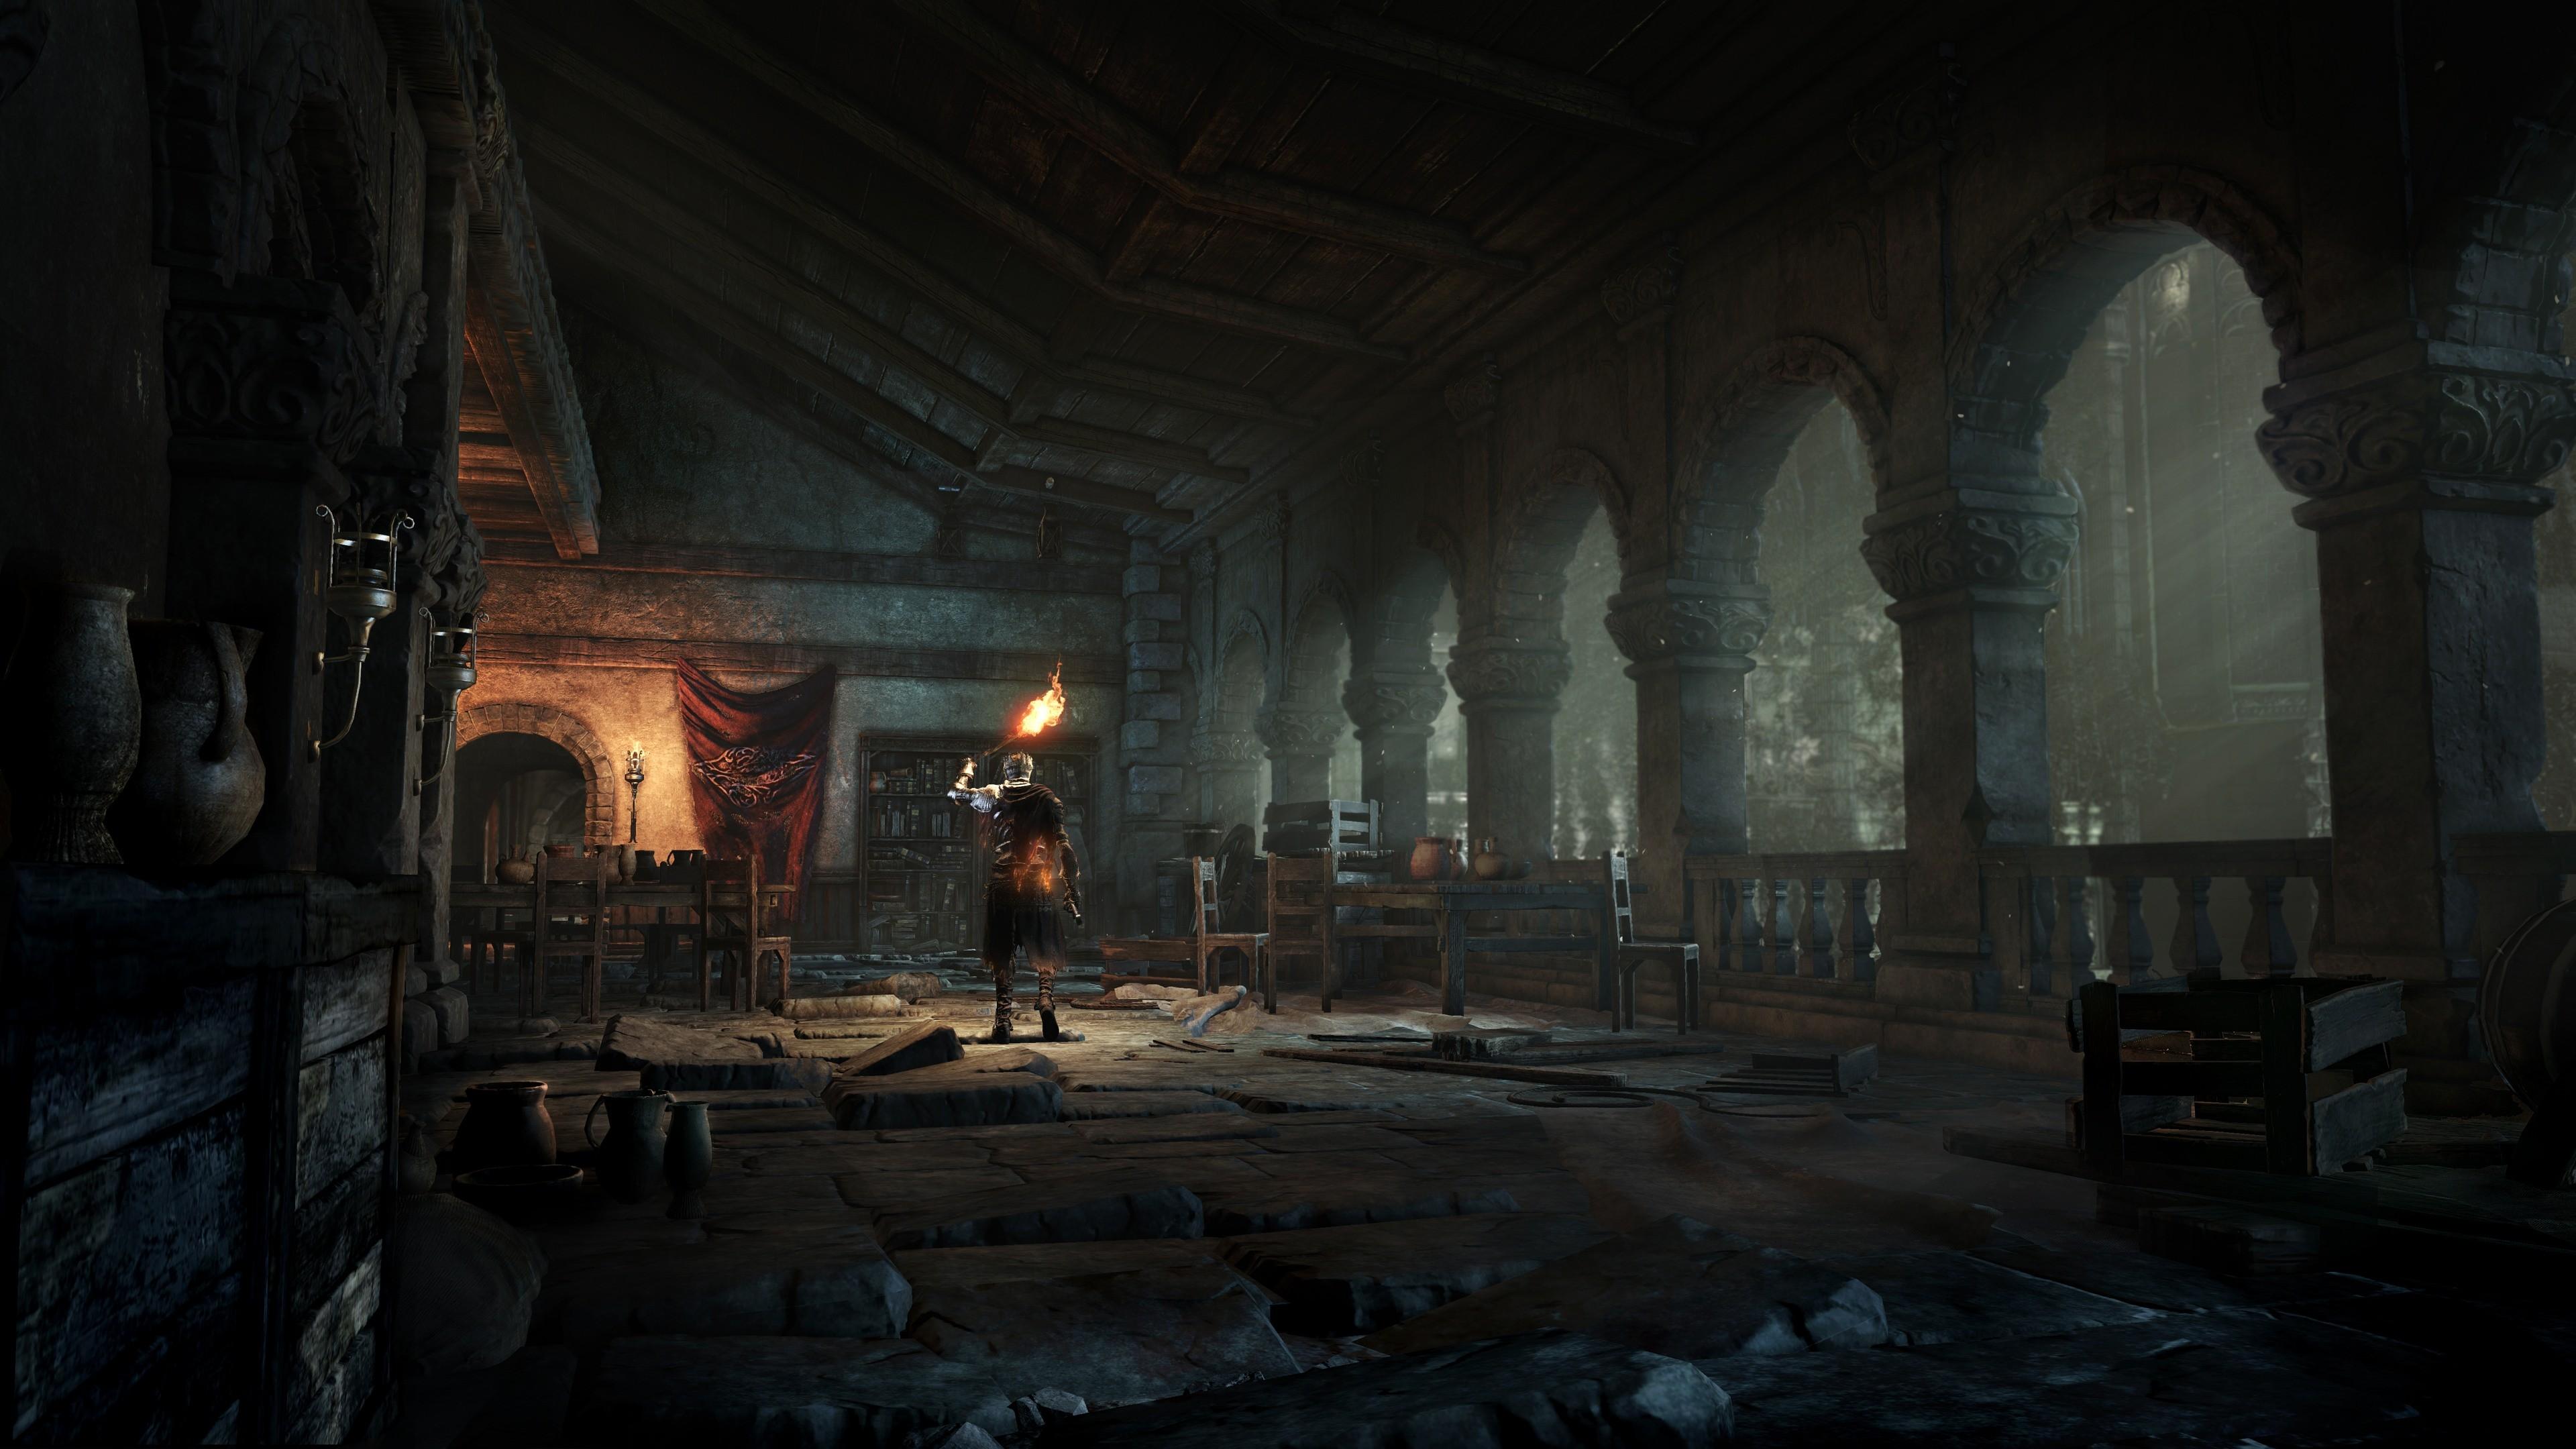 Dark Souls 3 Animated Wallpaper - WallpaperSafari